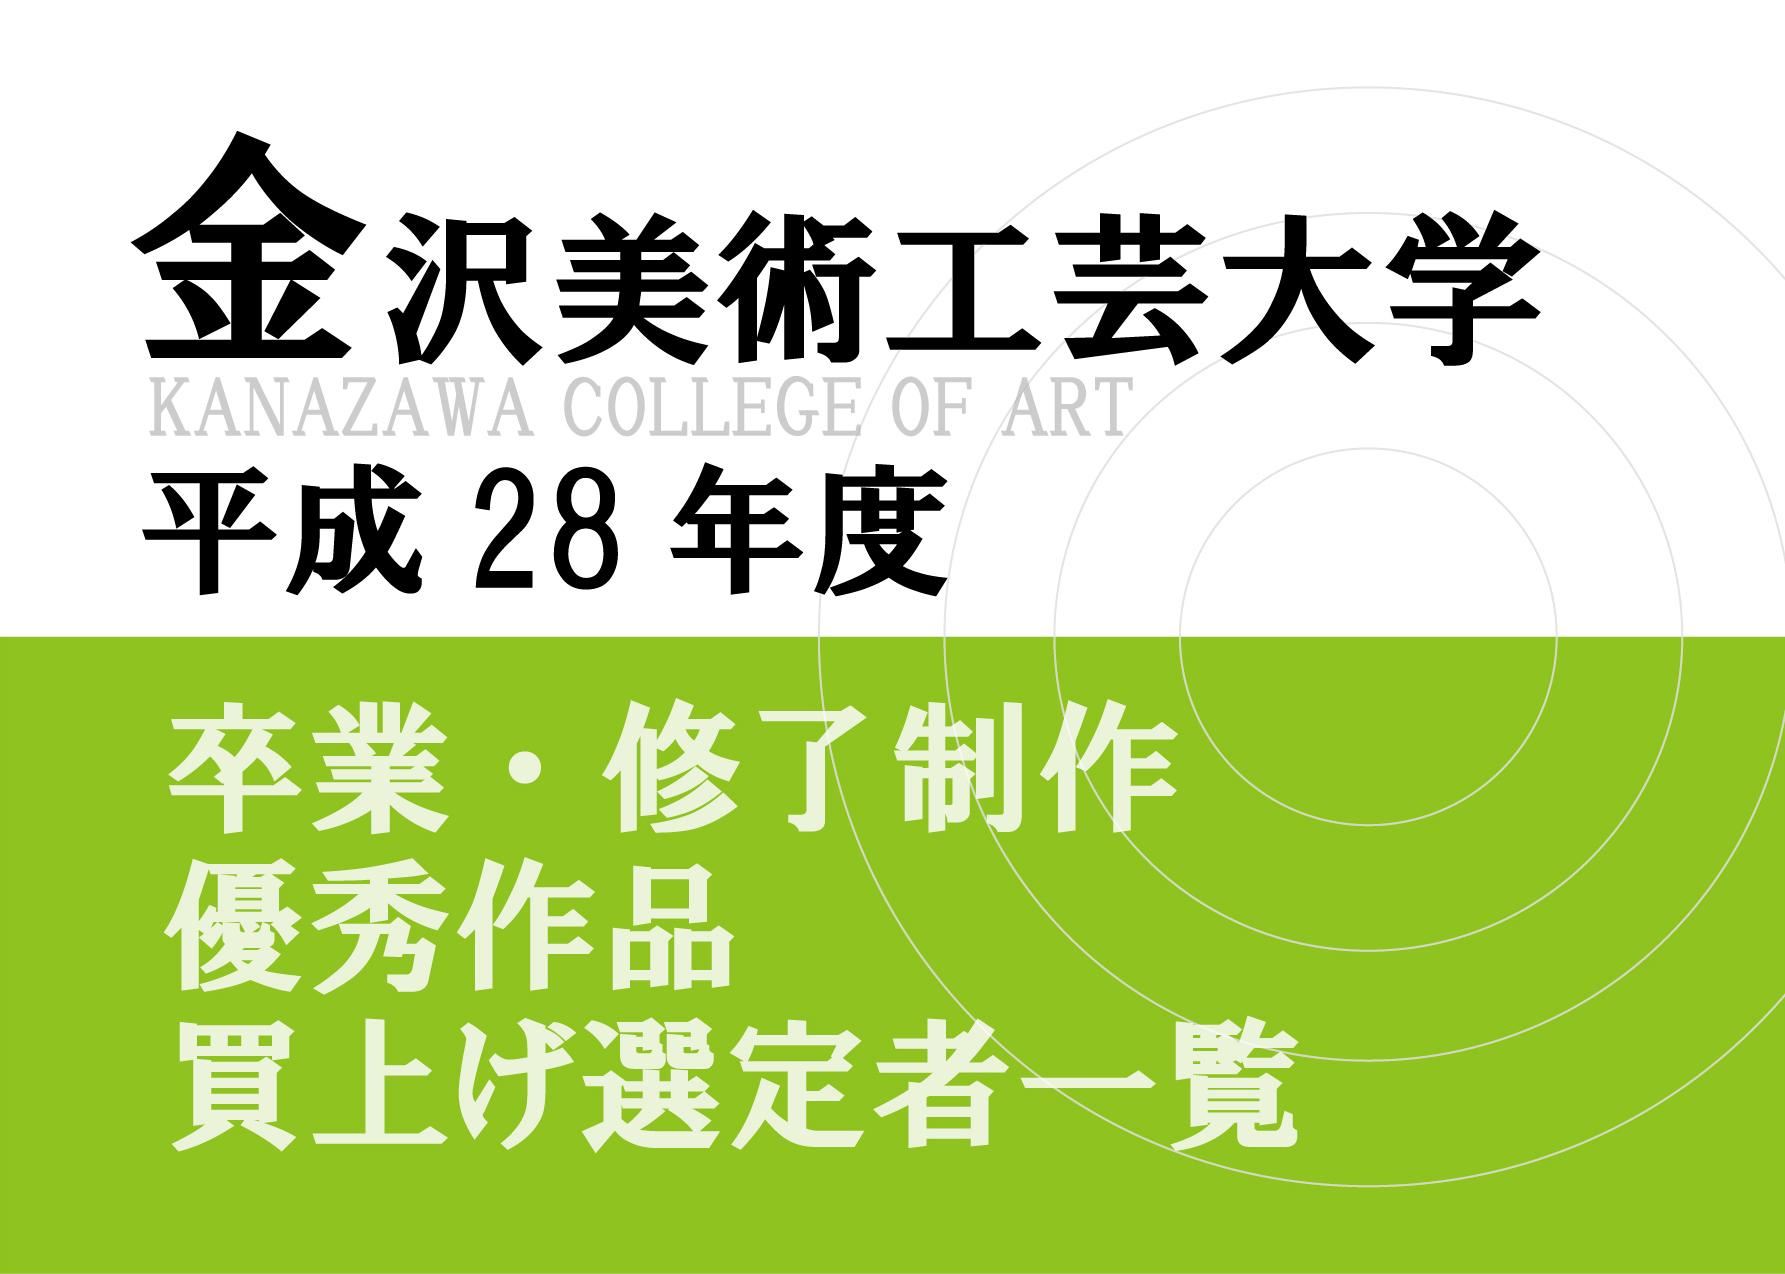 金沢美術工芸大学  平成28年度卒業・修了制作優秀作品買上げ選定者 ポスターデザイン選定者